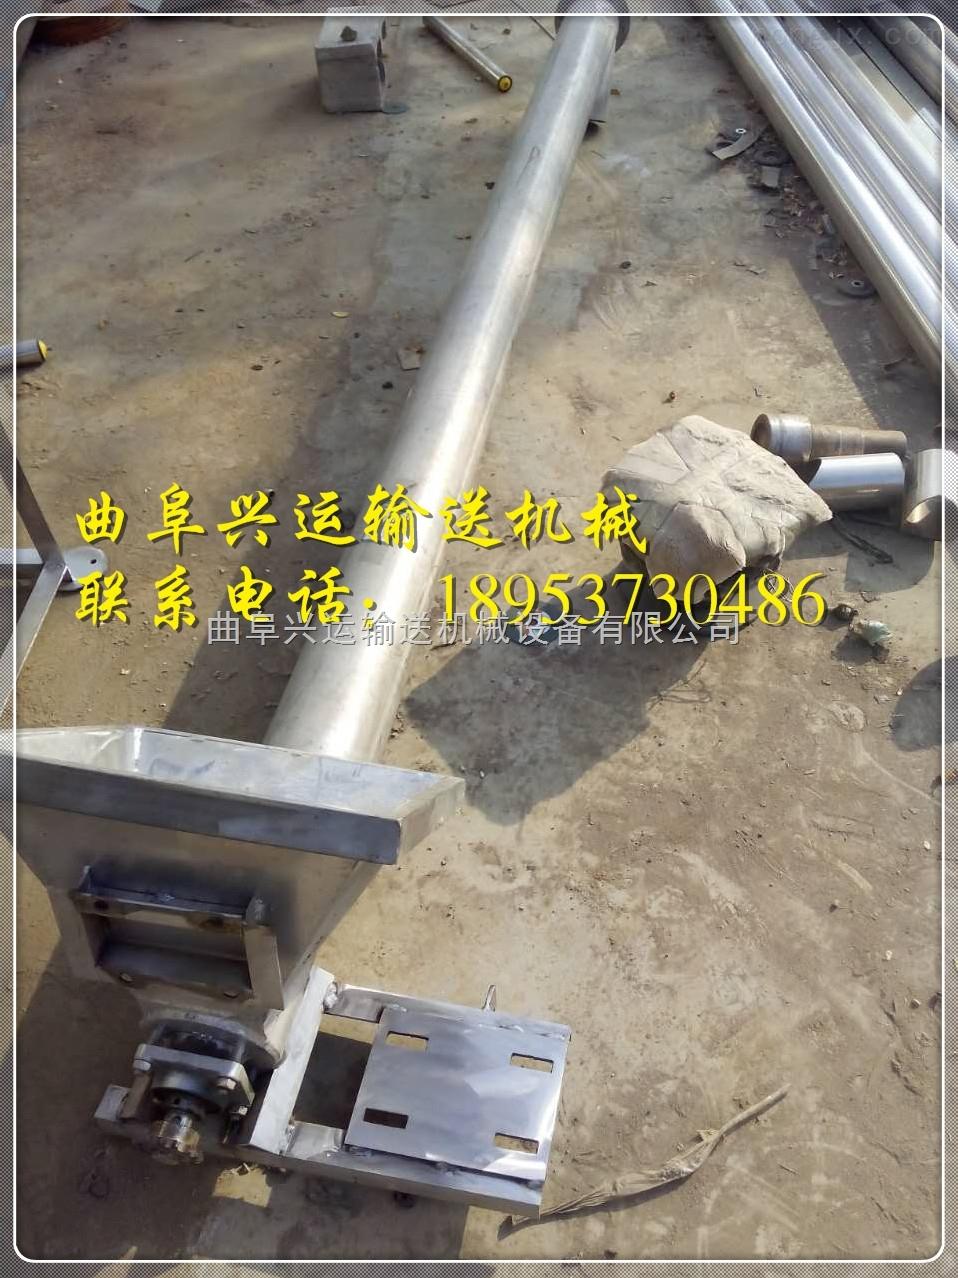 耐腐蚀圆筒螺旋输送机,耐酸碱均匀加料机